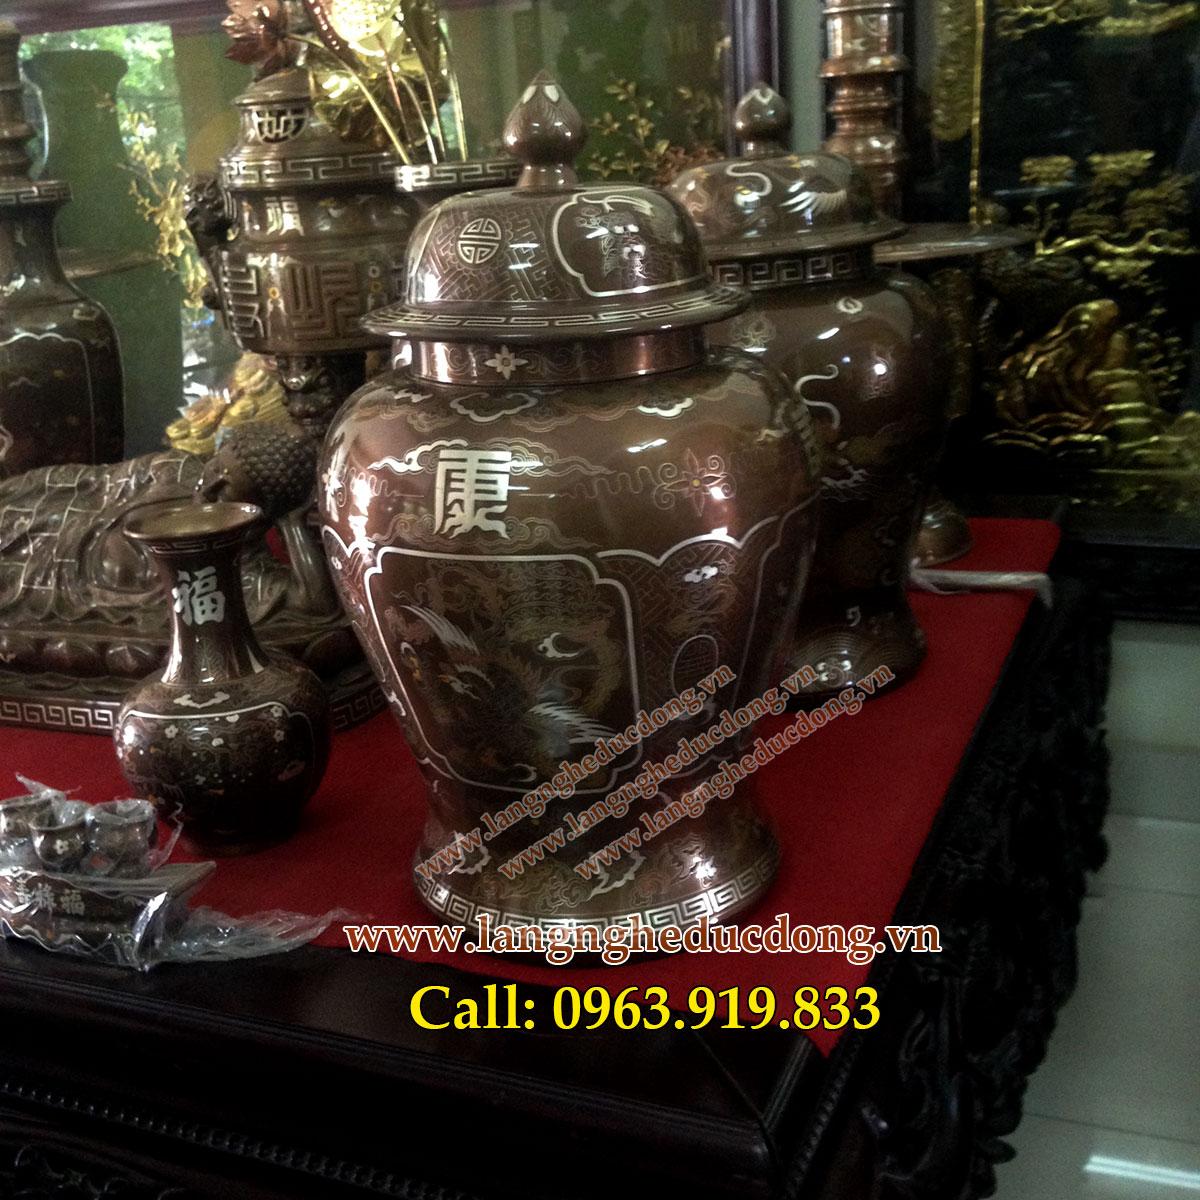 langngheducdong.vn - Cặp chóe bằng đồng khảm ngũ sắc cao cấp cao 60 cm